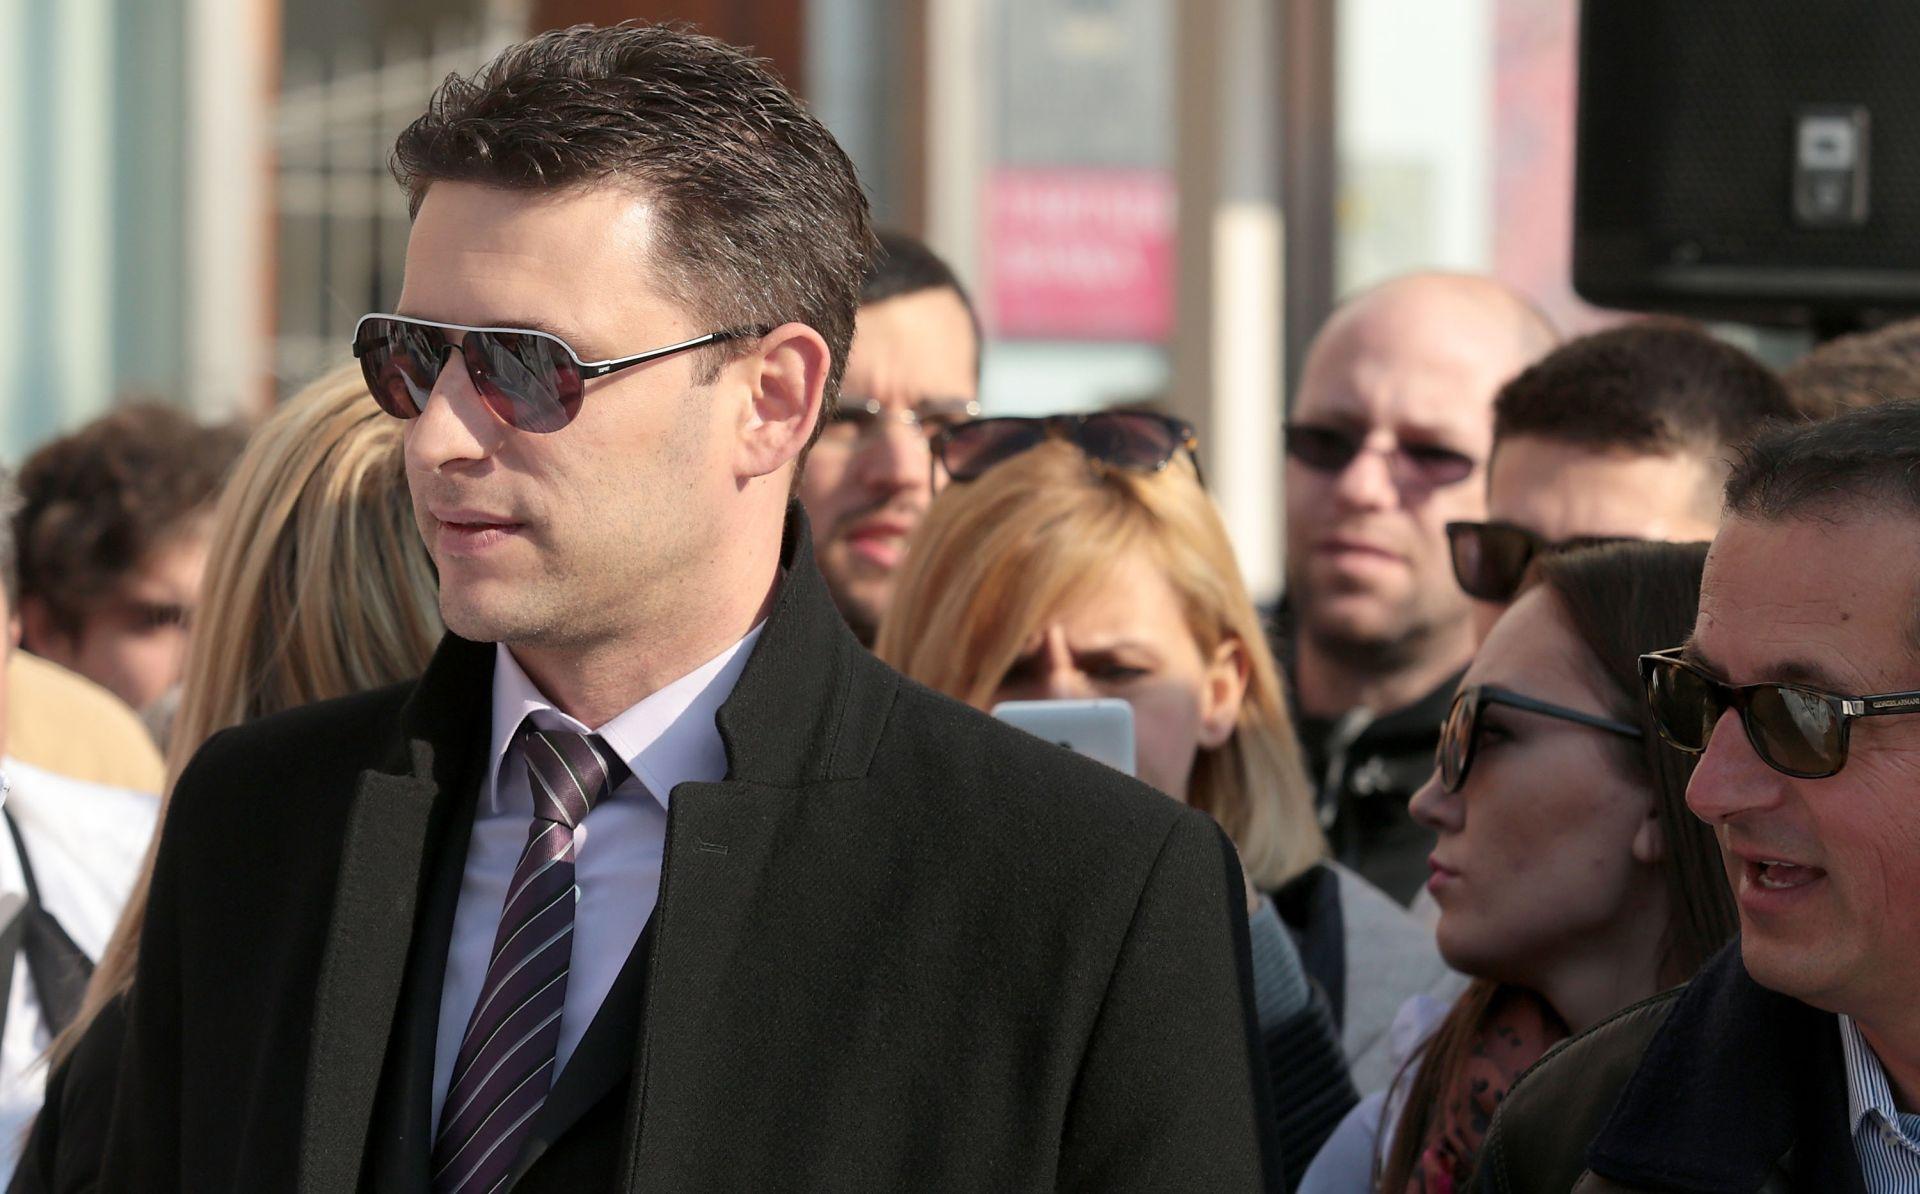 OBJAVLJEN DOKUMENT: Okvir dogovora ponuđen SDP-u i HDZ-u